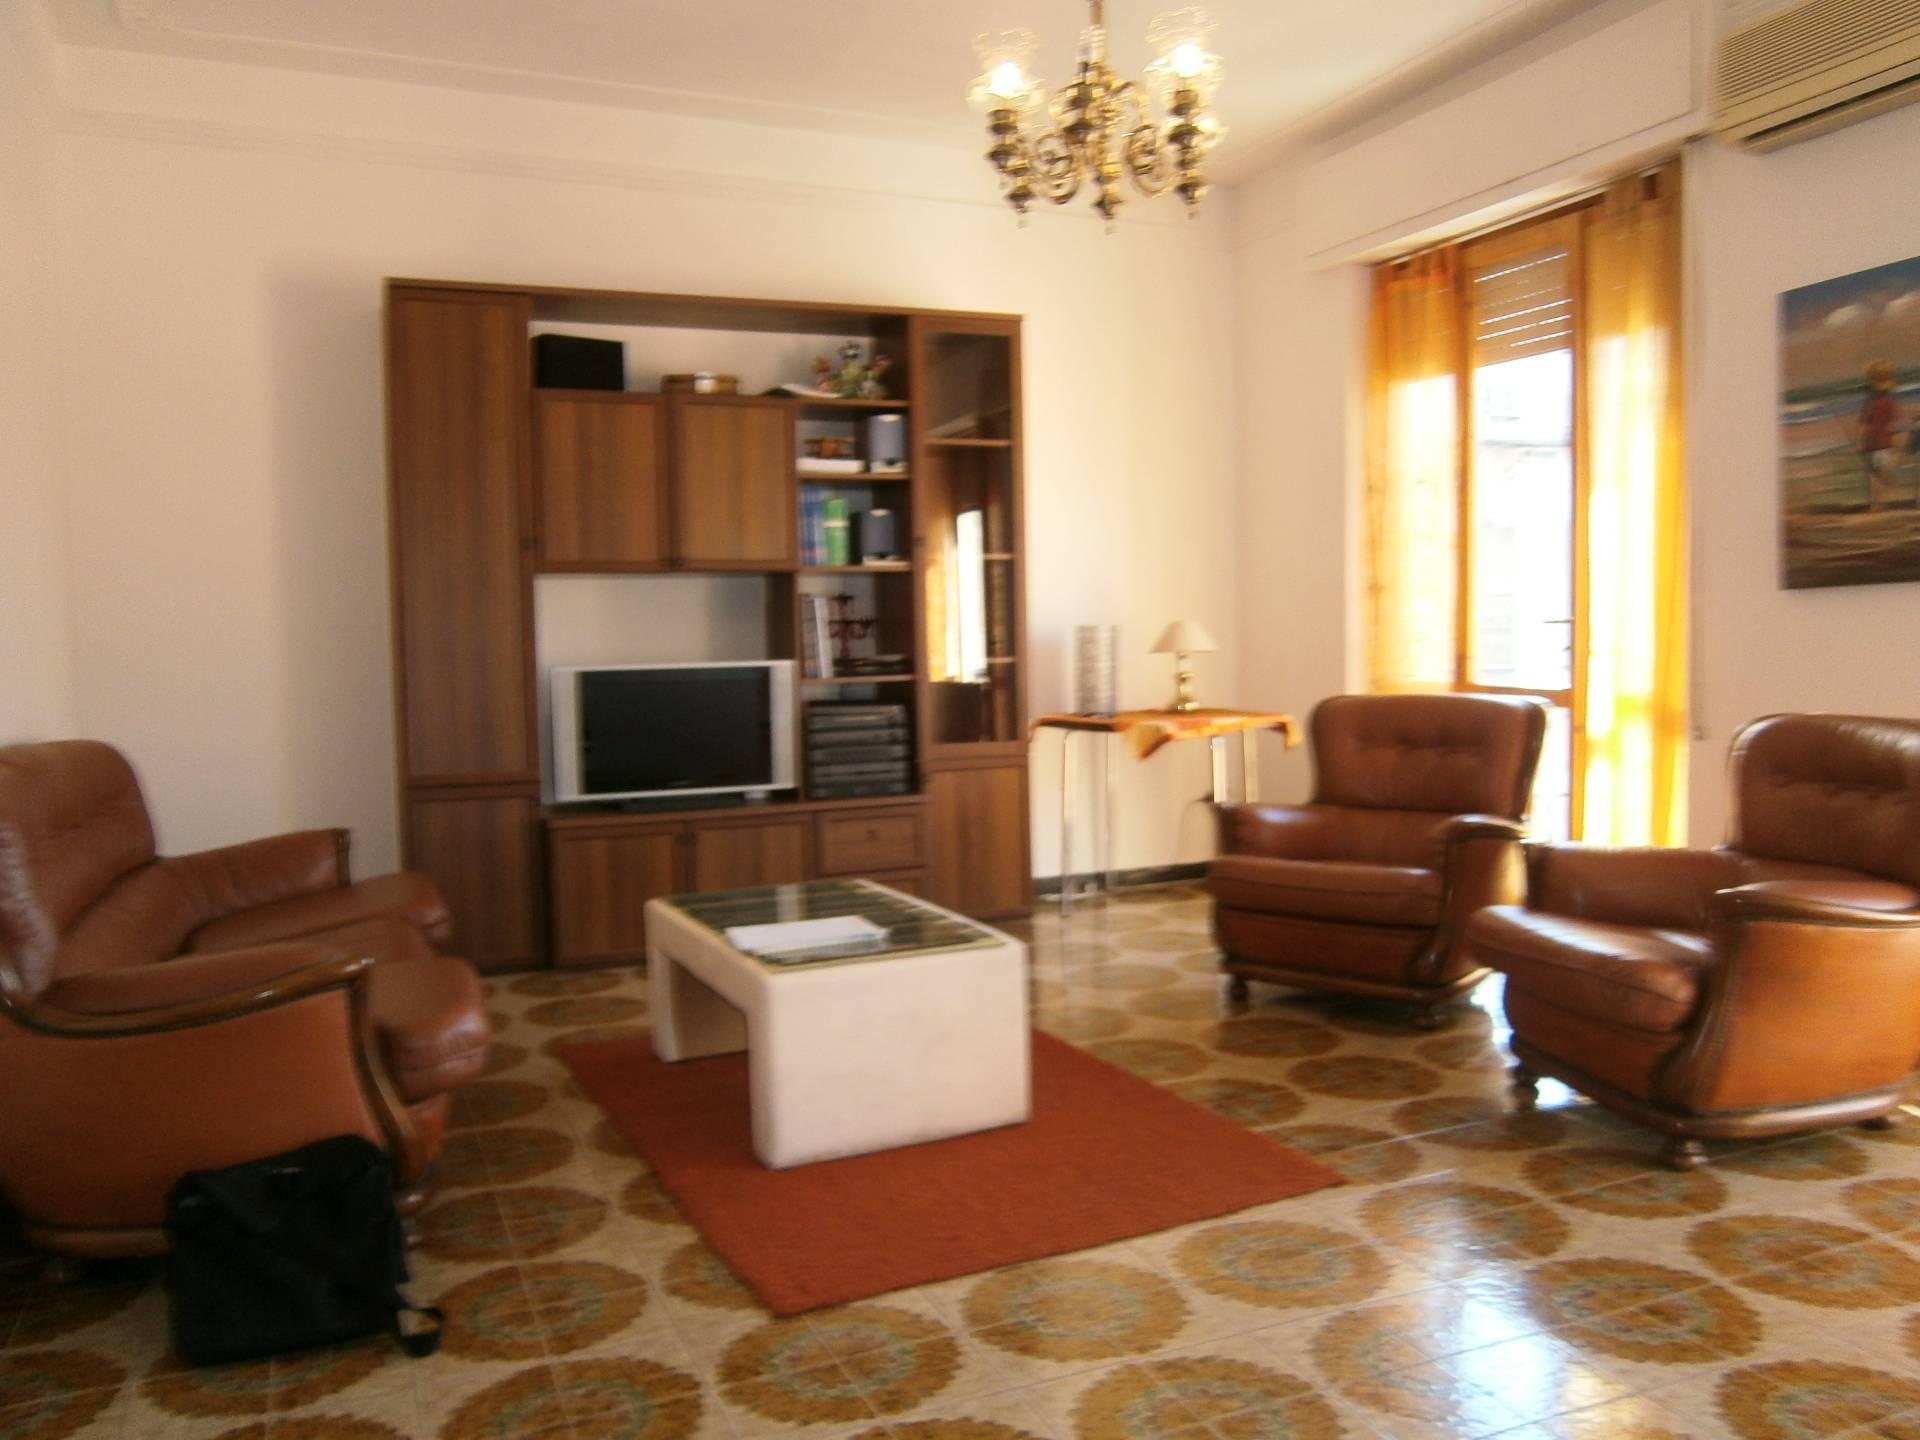 Appartamento in affitto a Quartu Sant'Elena, 5 locali, prezzo € 700 | Cambio Casa.it